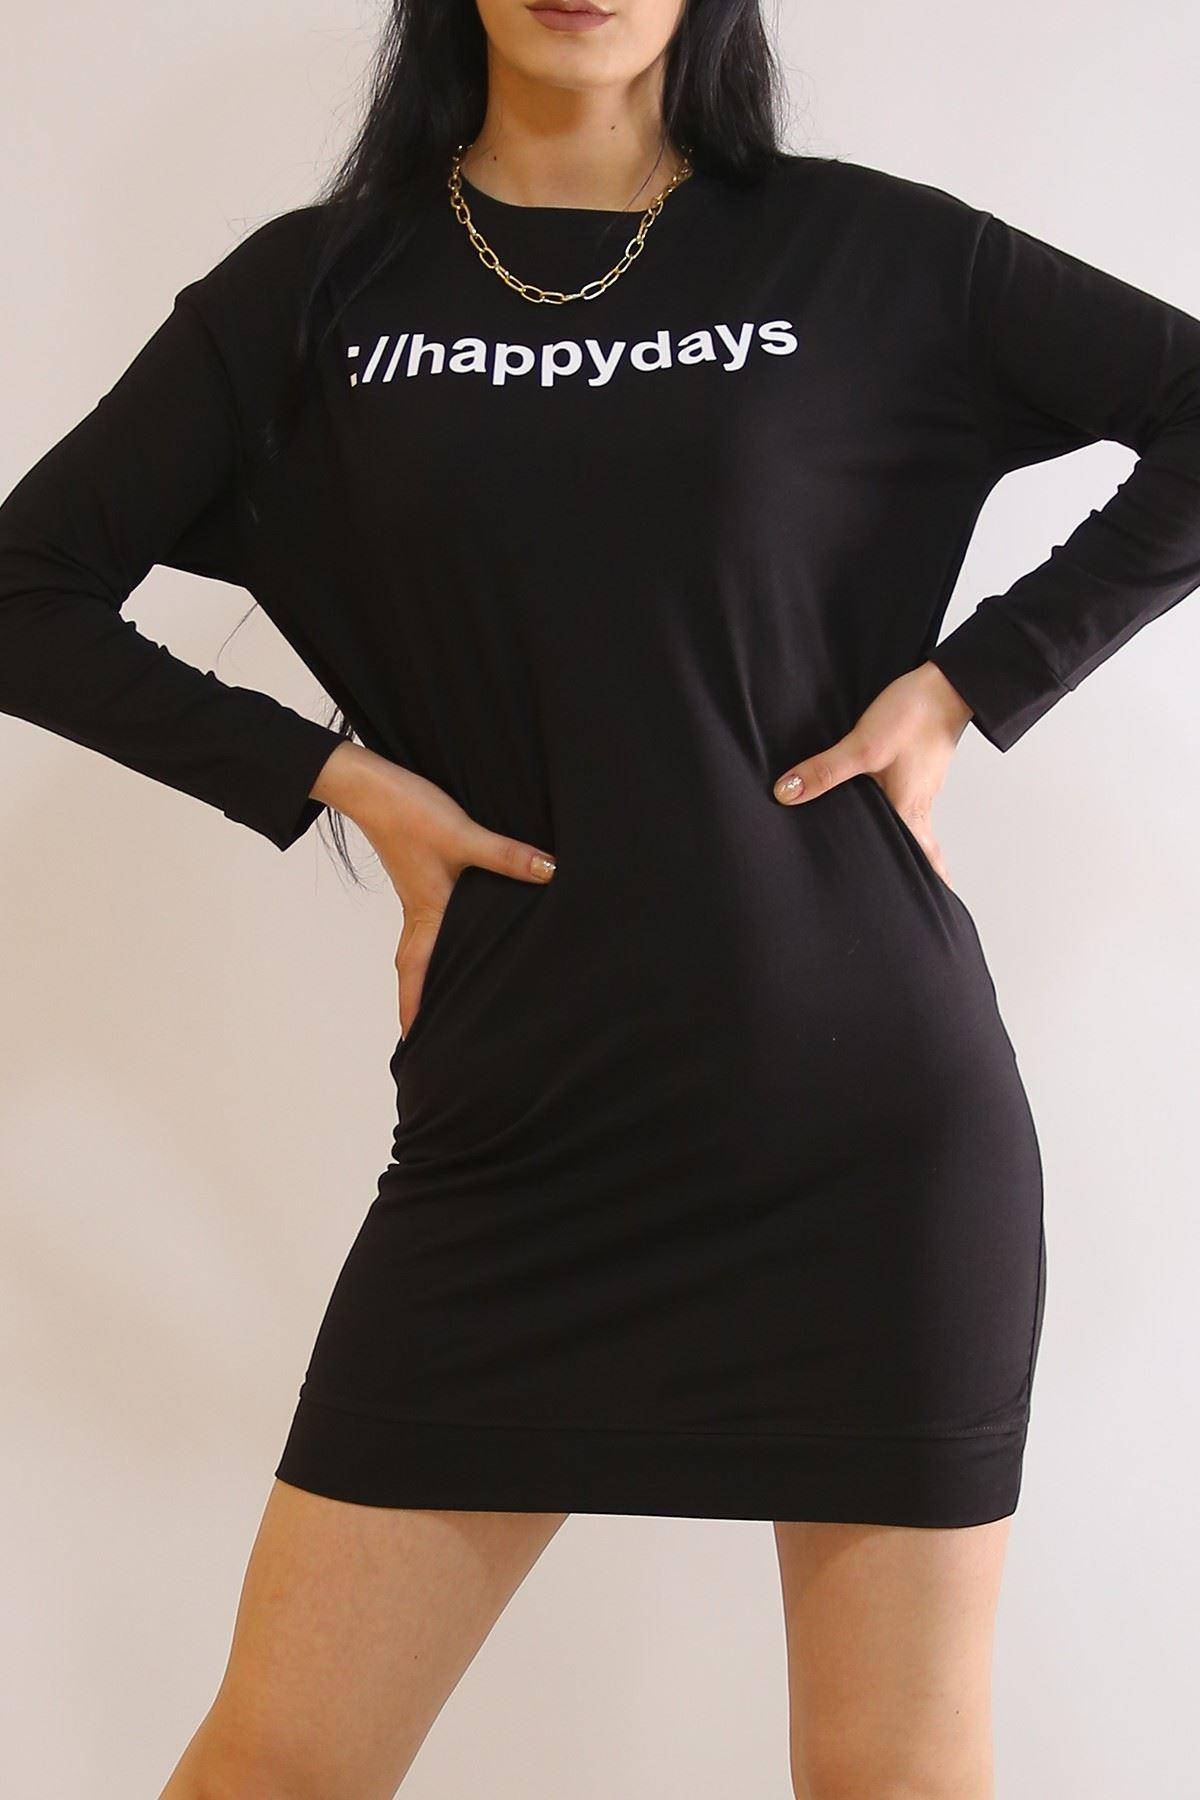 Happydays Baskılı Tunik Siyah - 19801.200.